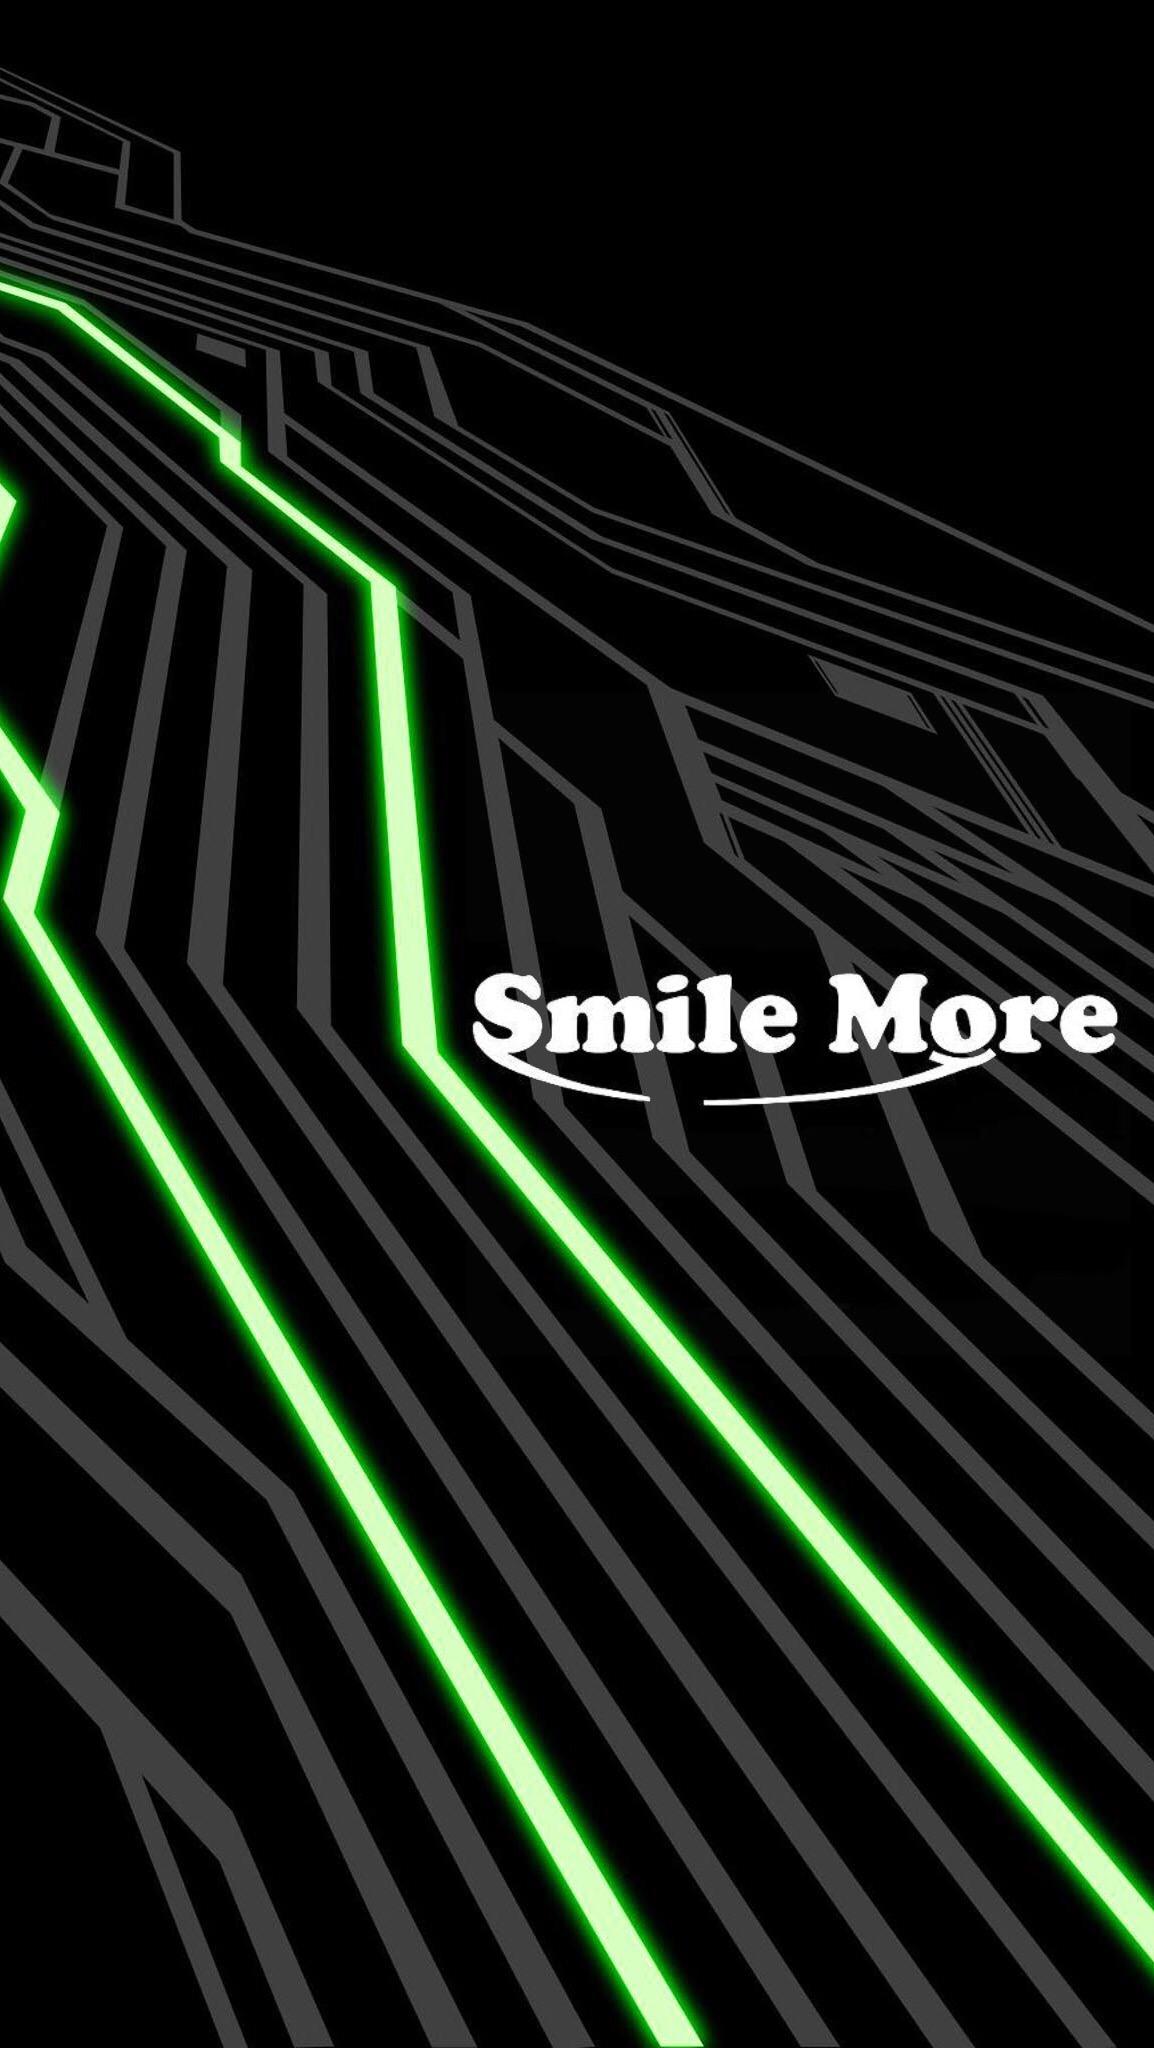 Cute Iphone Wallpaper App Smile More Romanatwood Smilemore Iphone Wallpapers